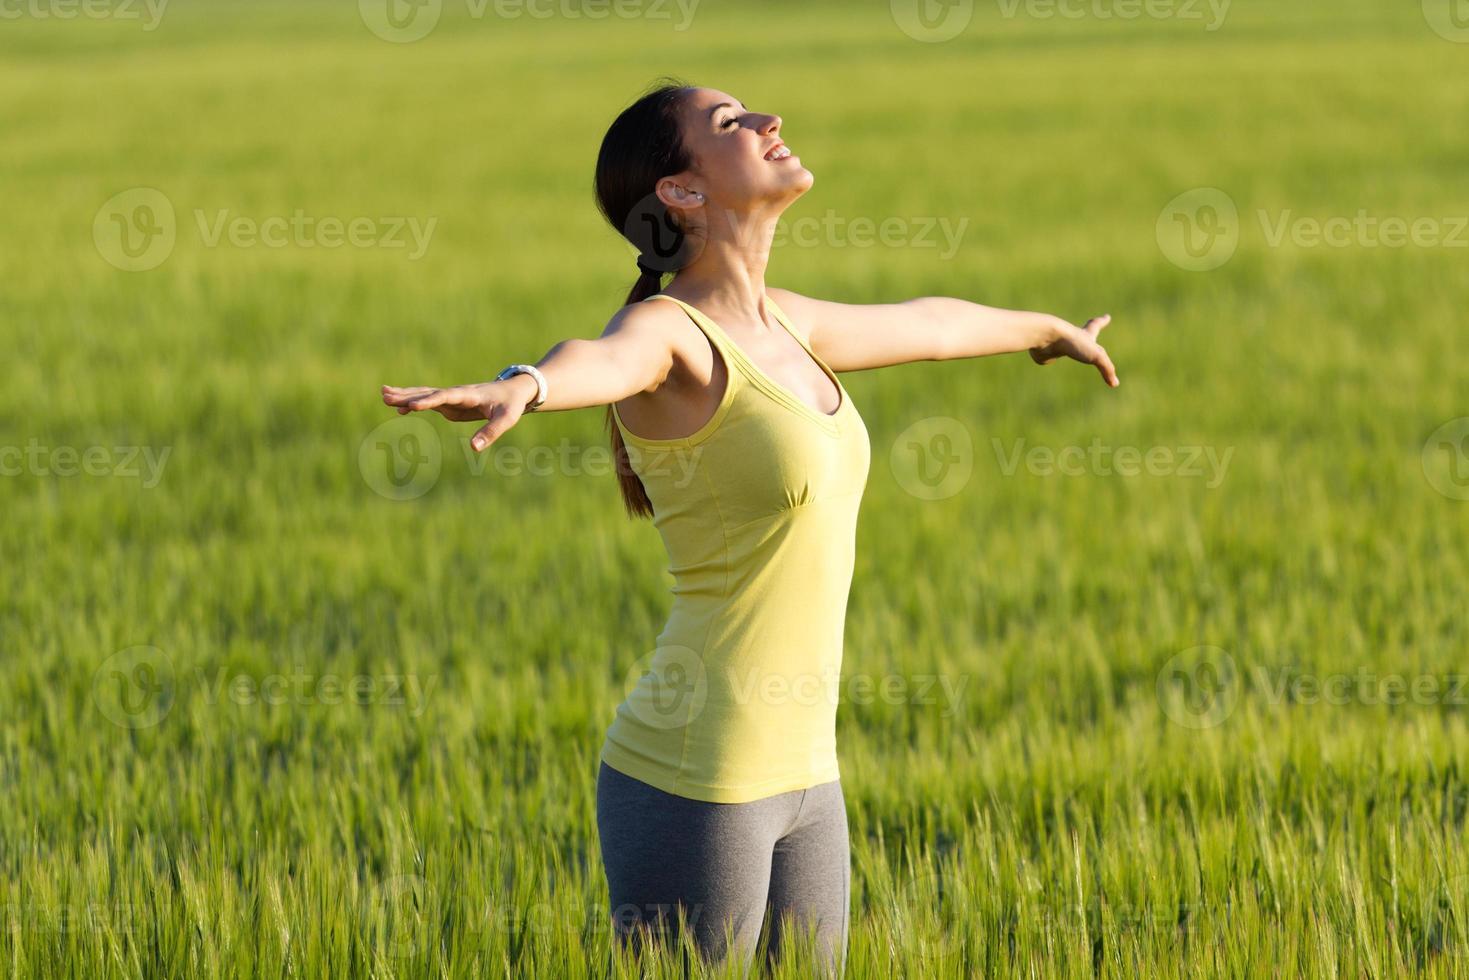 jonge vrouw die van de lente geniet die zich in een graangewassengebied bevindt foto